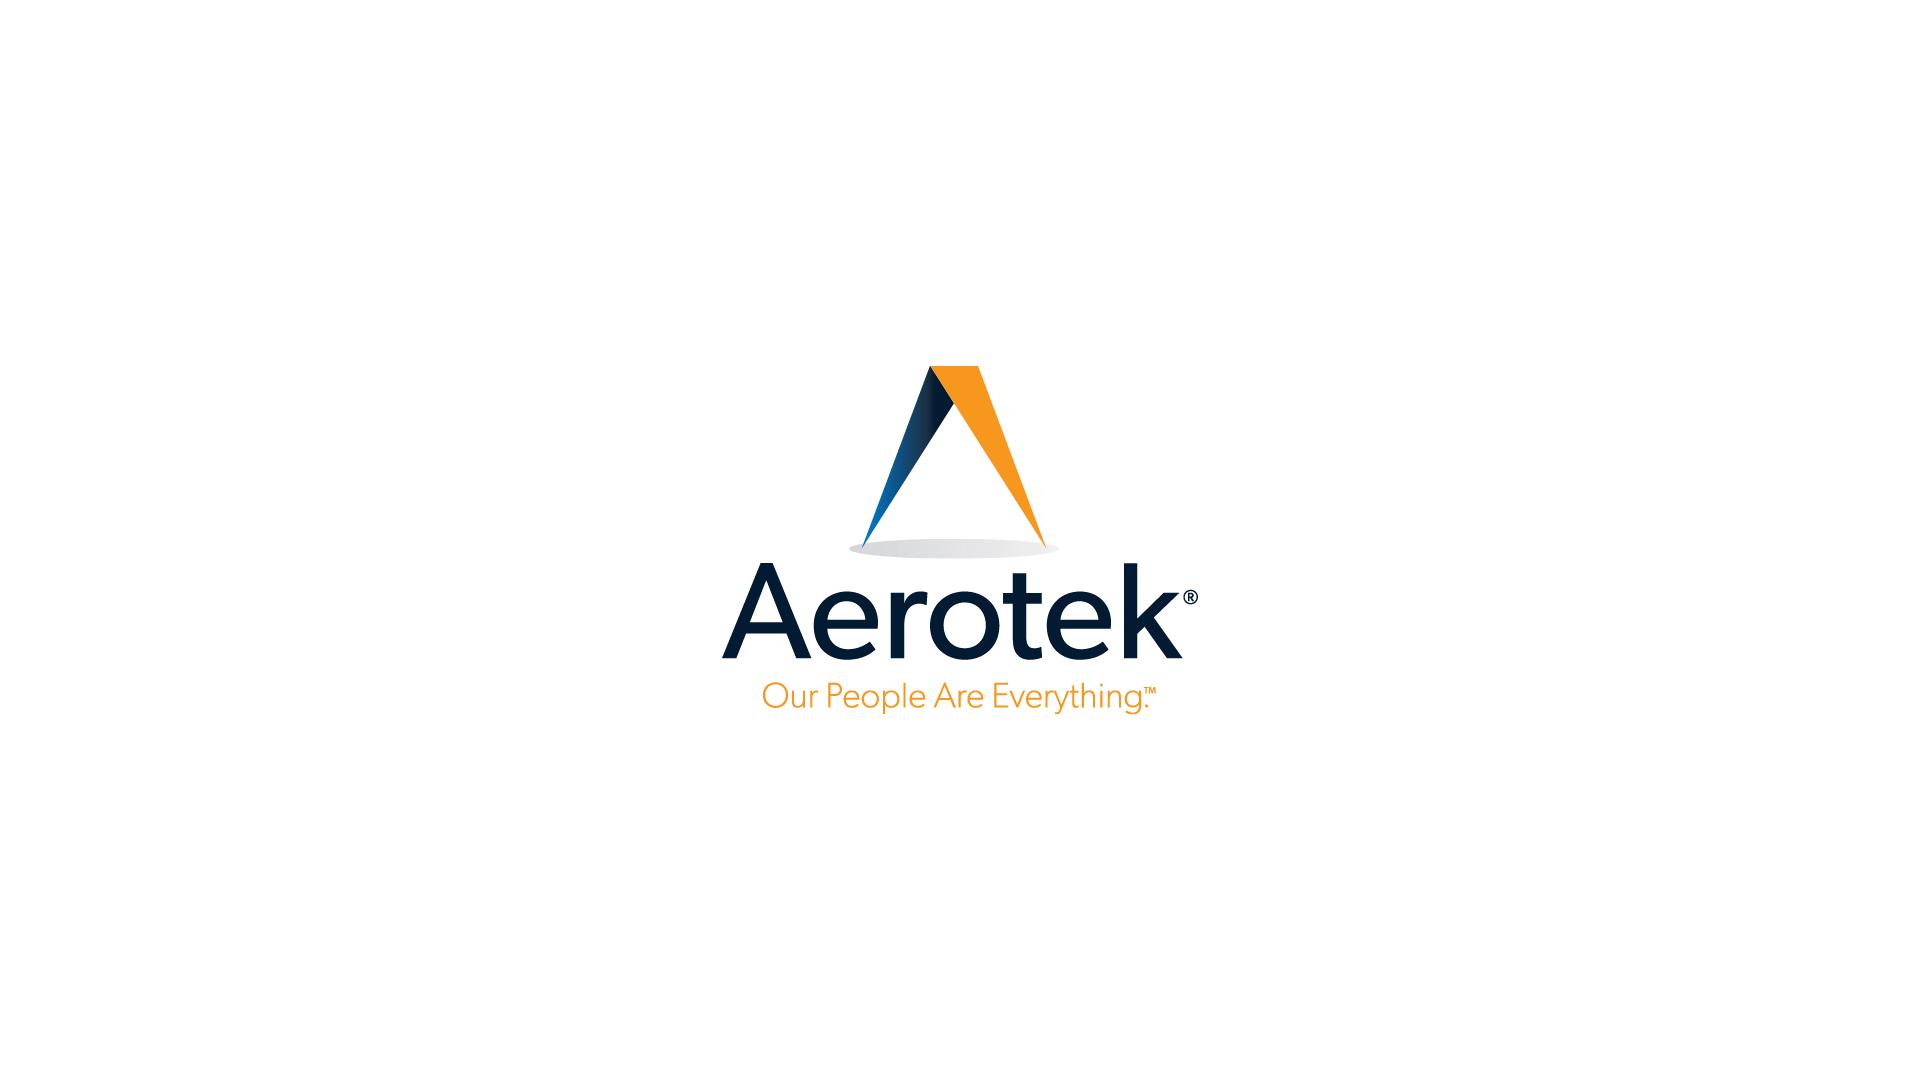 aerotek-logo